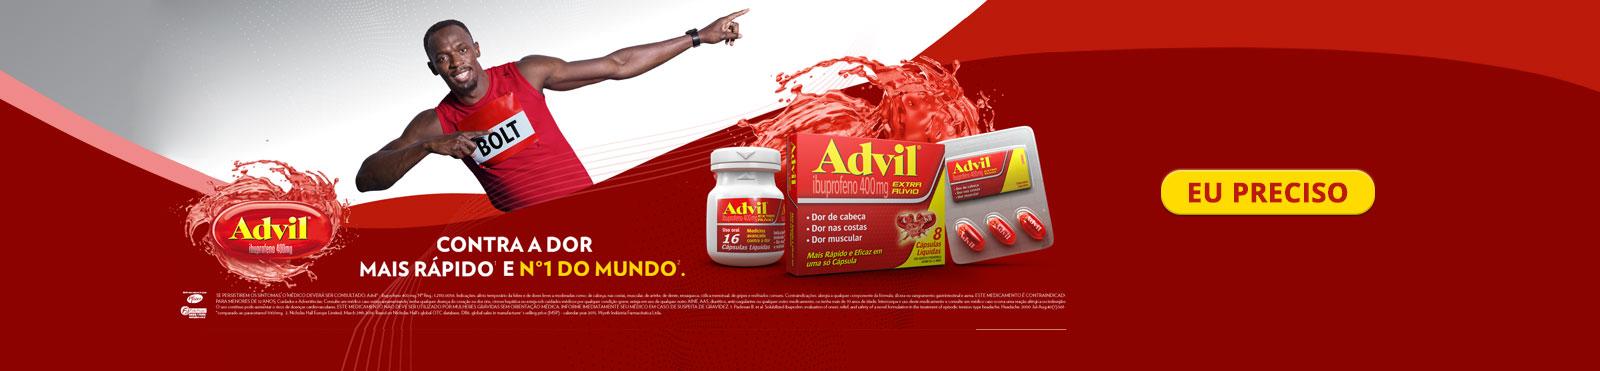 Advil - Março